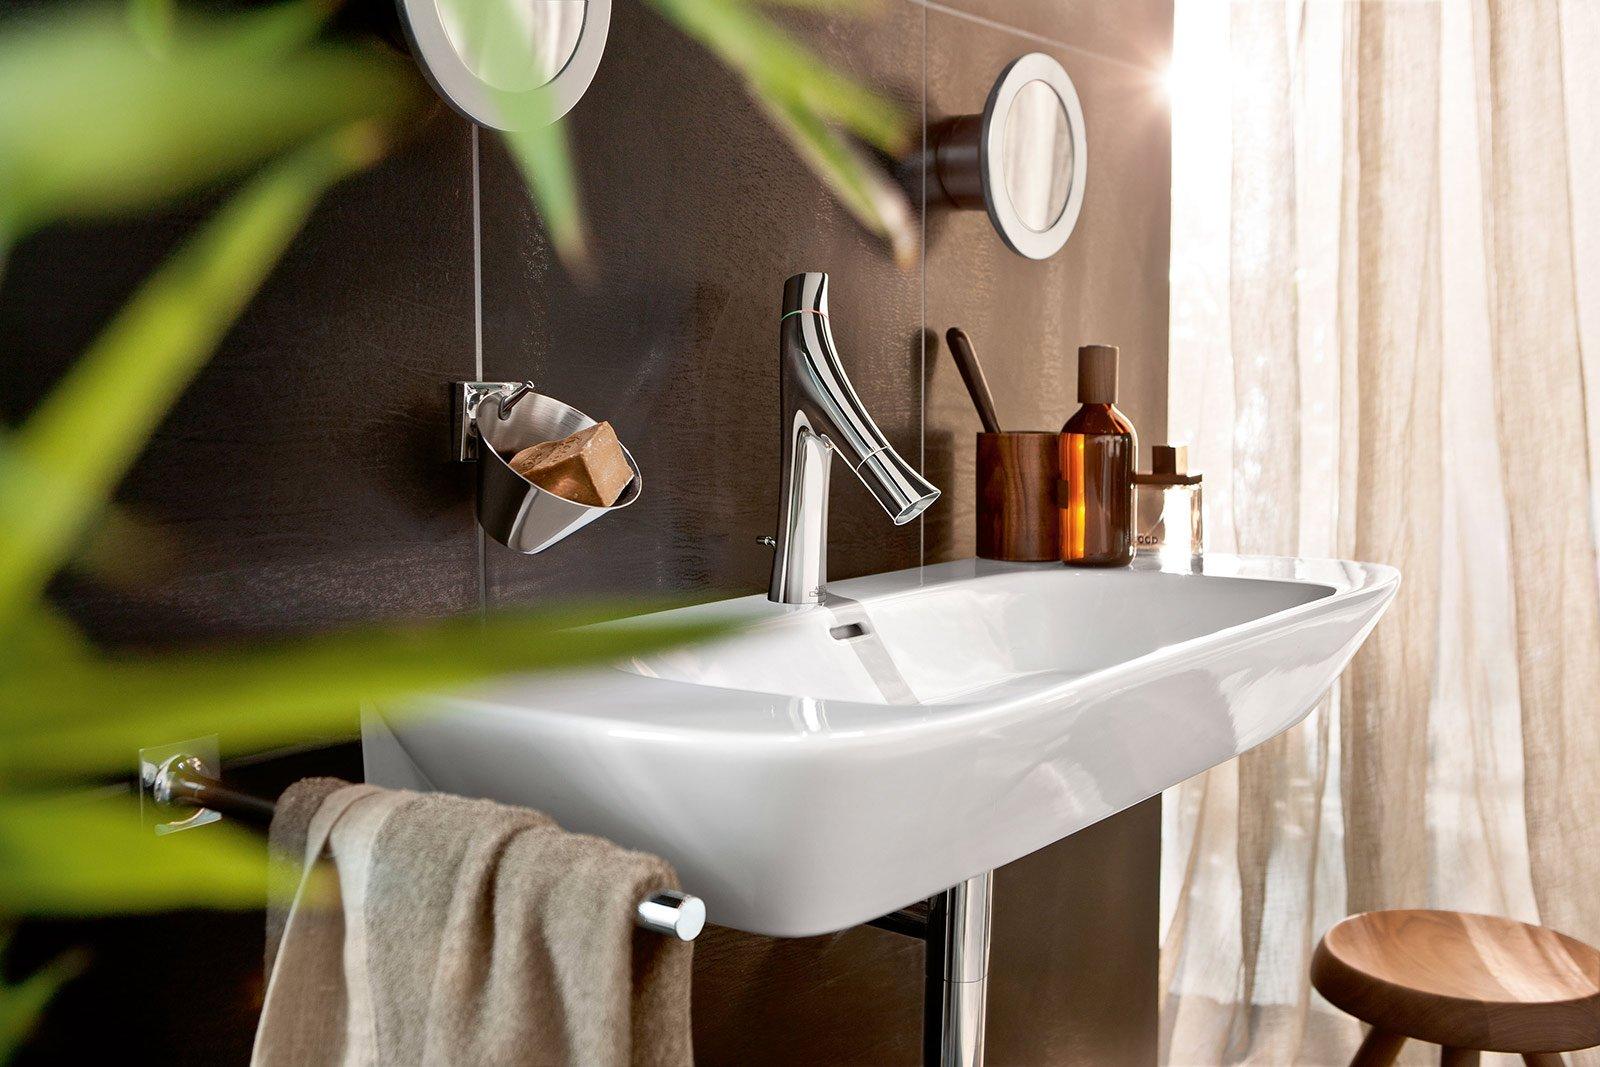 Rubinetteria per il lavabo cose di casa - Rubinetteria hansgrohe bagno ...